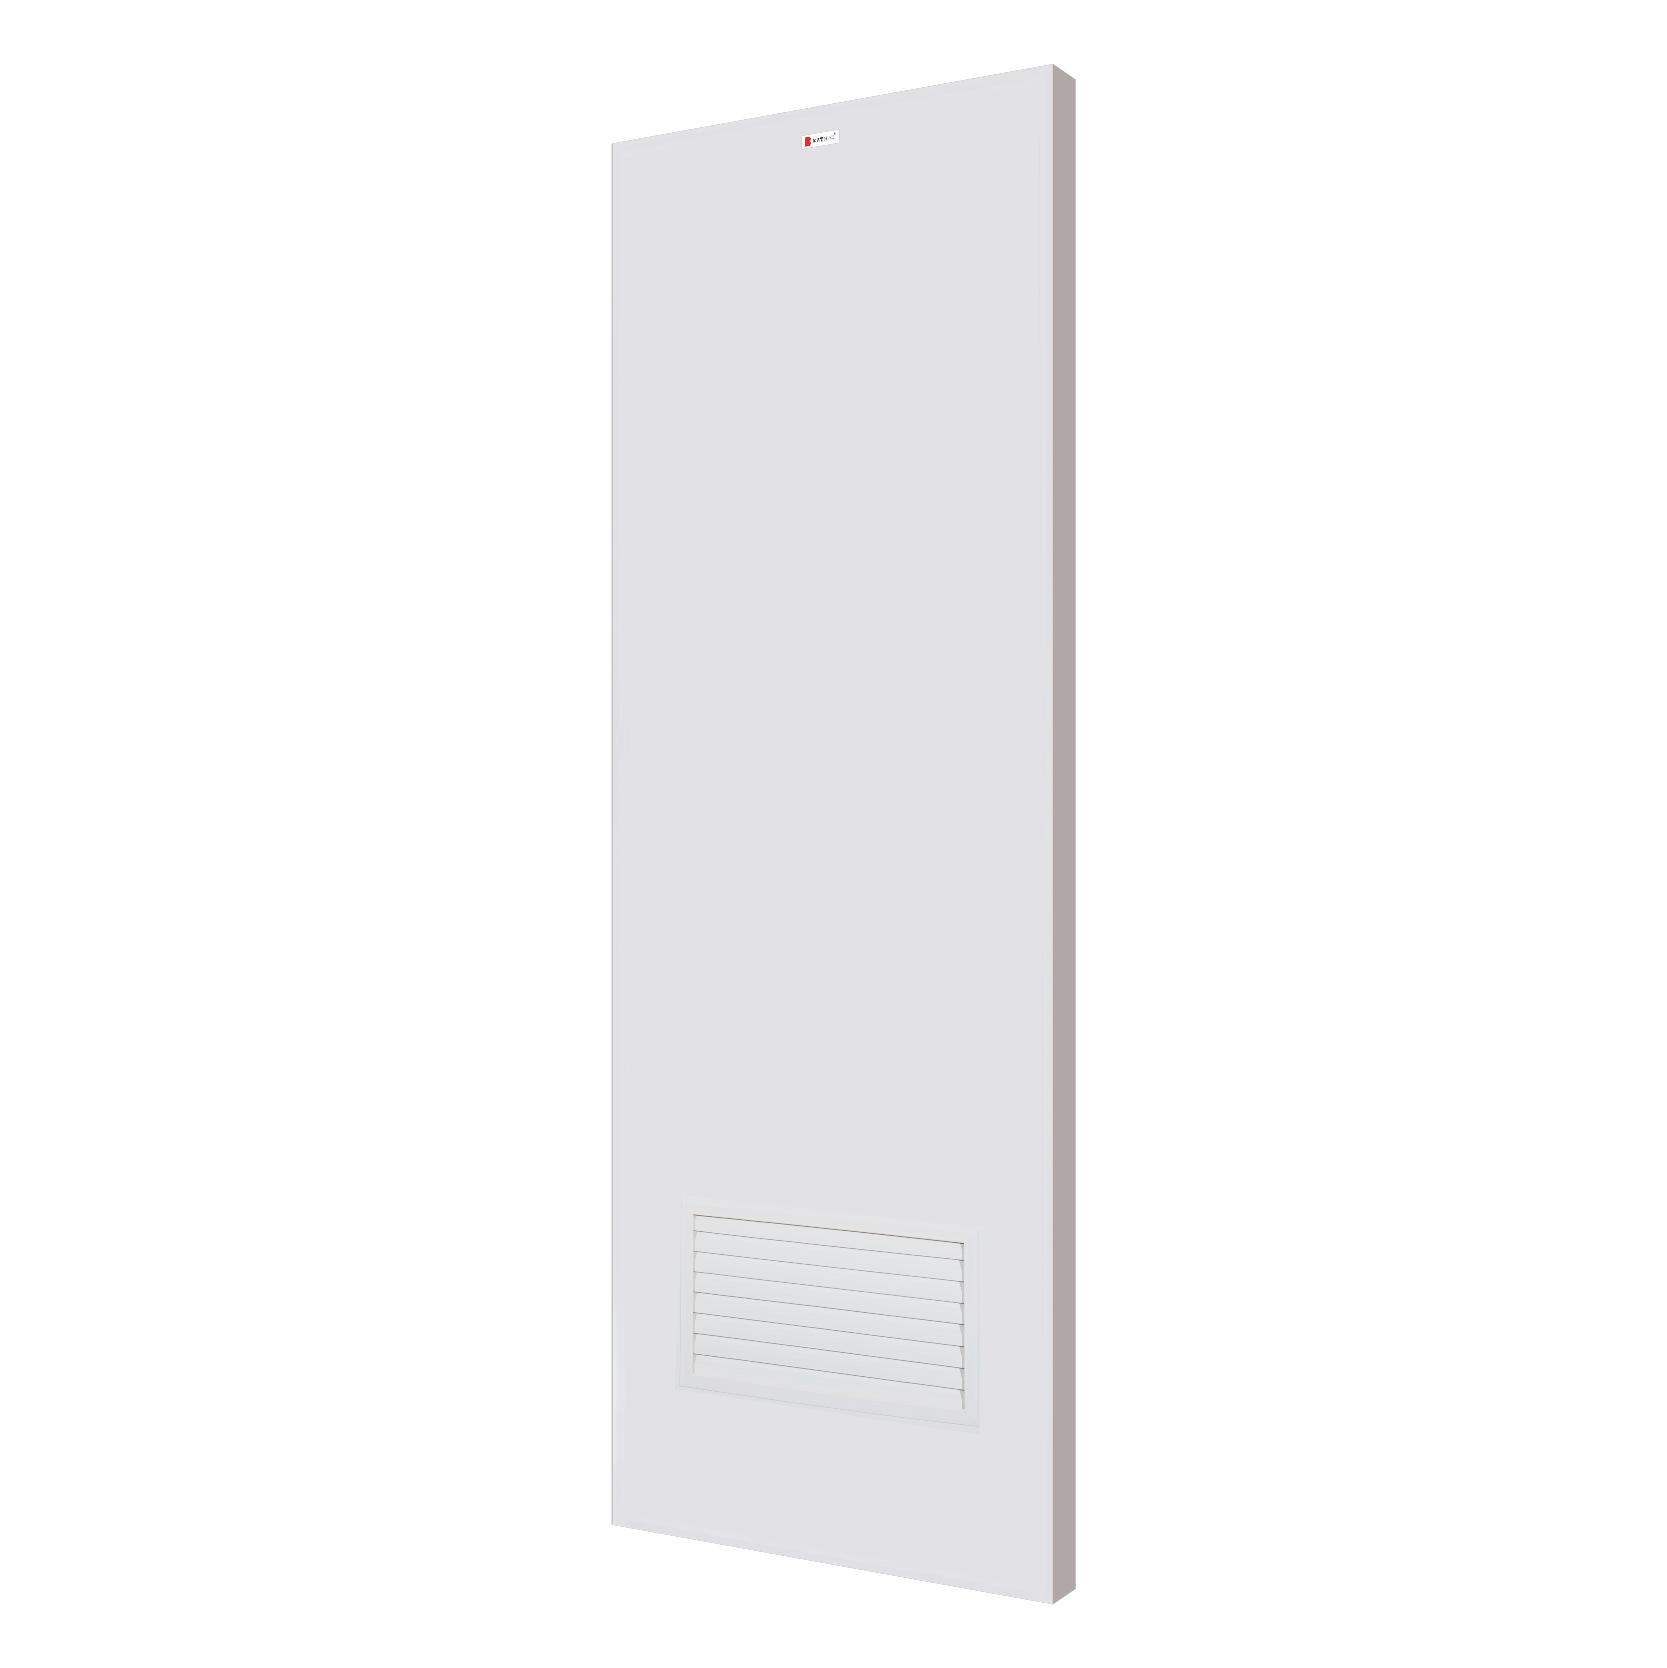 door-pvc-bathic-bpc2-white-2